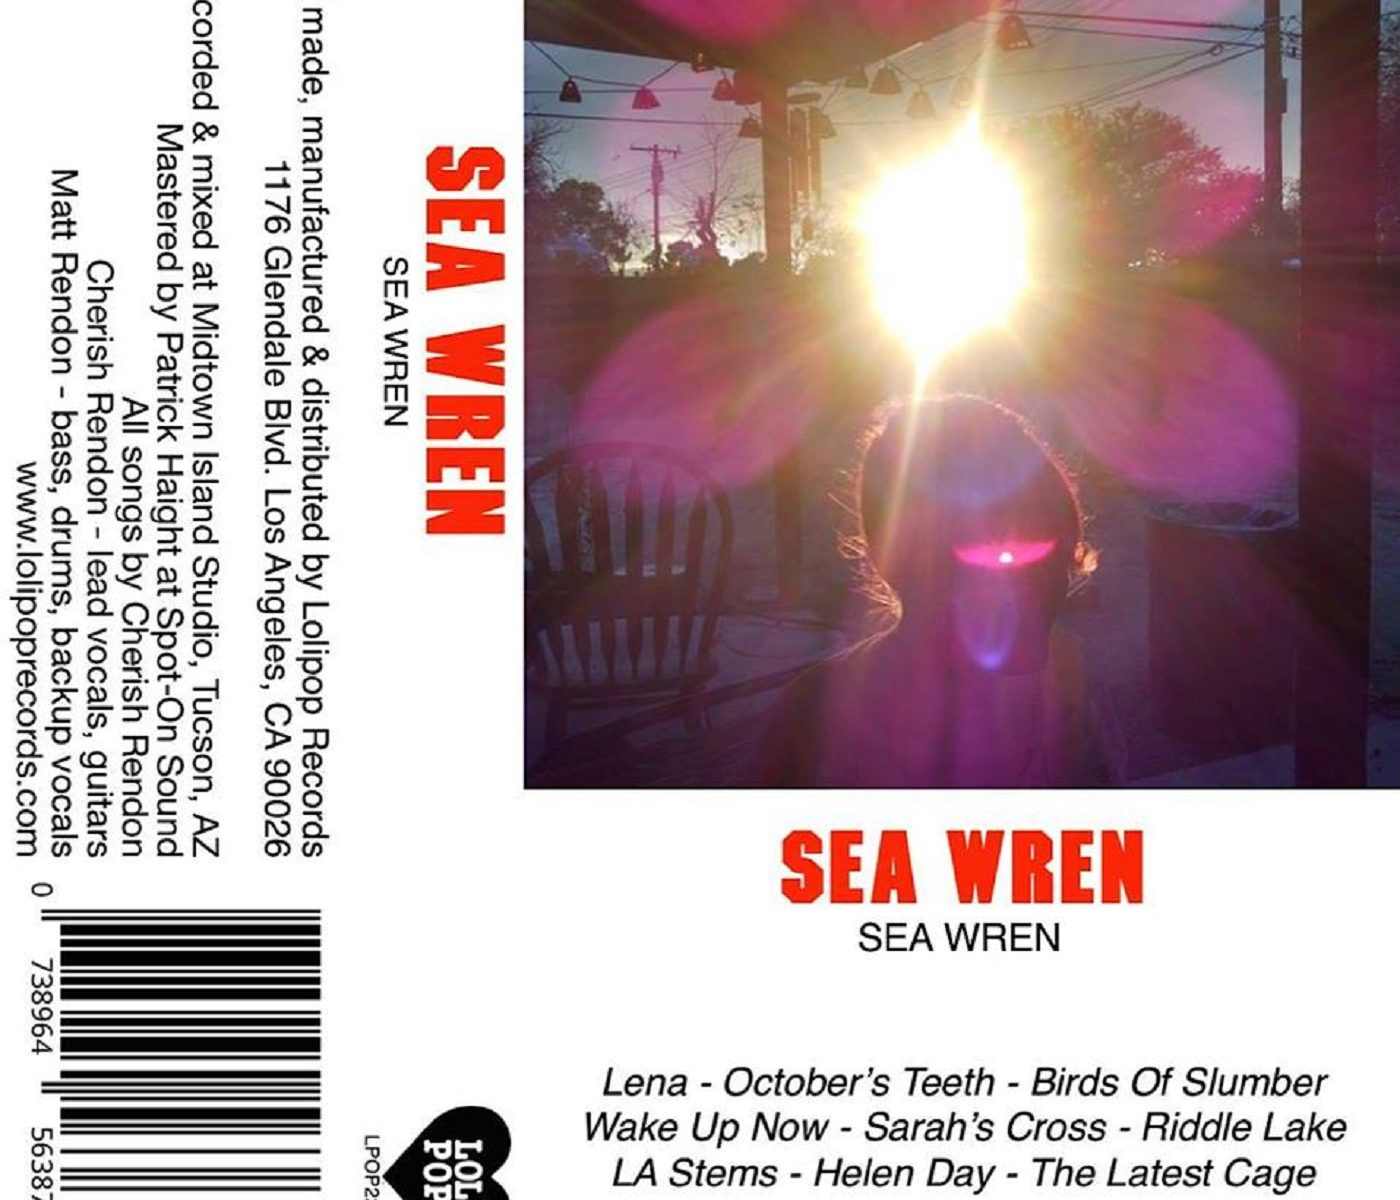 Sea Wren | Sea Wren | 3hive.com